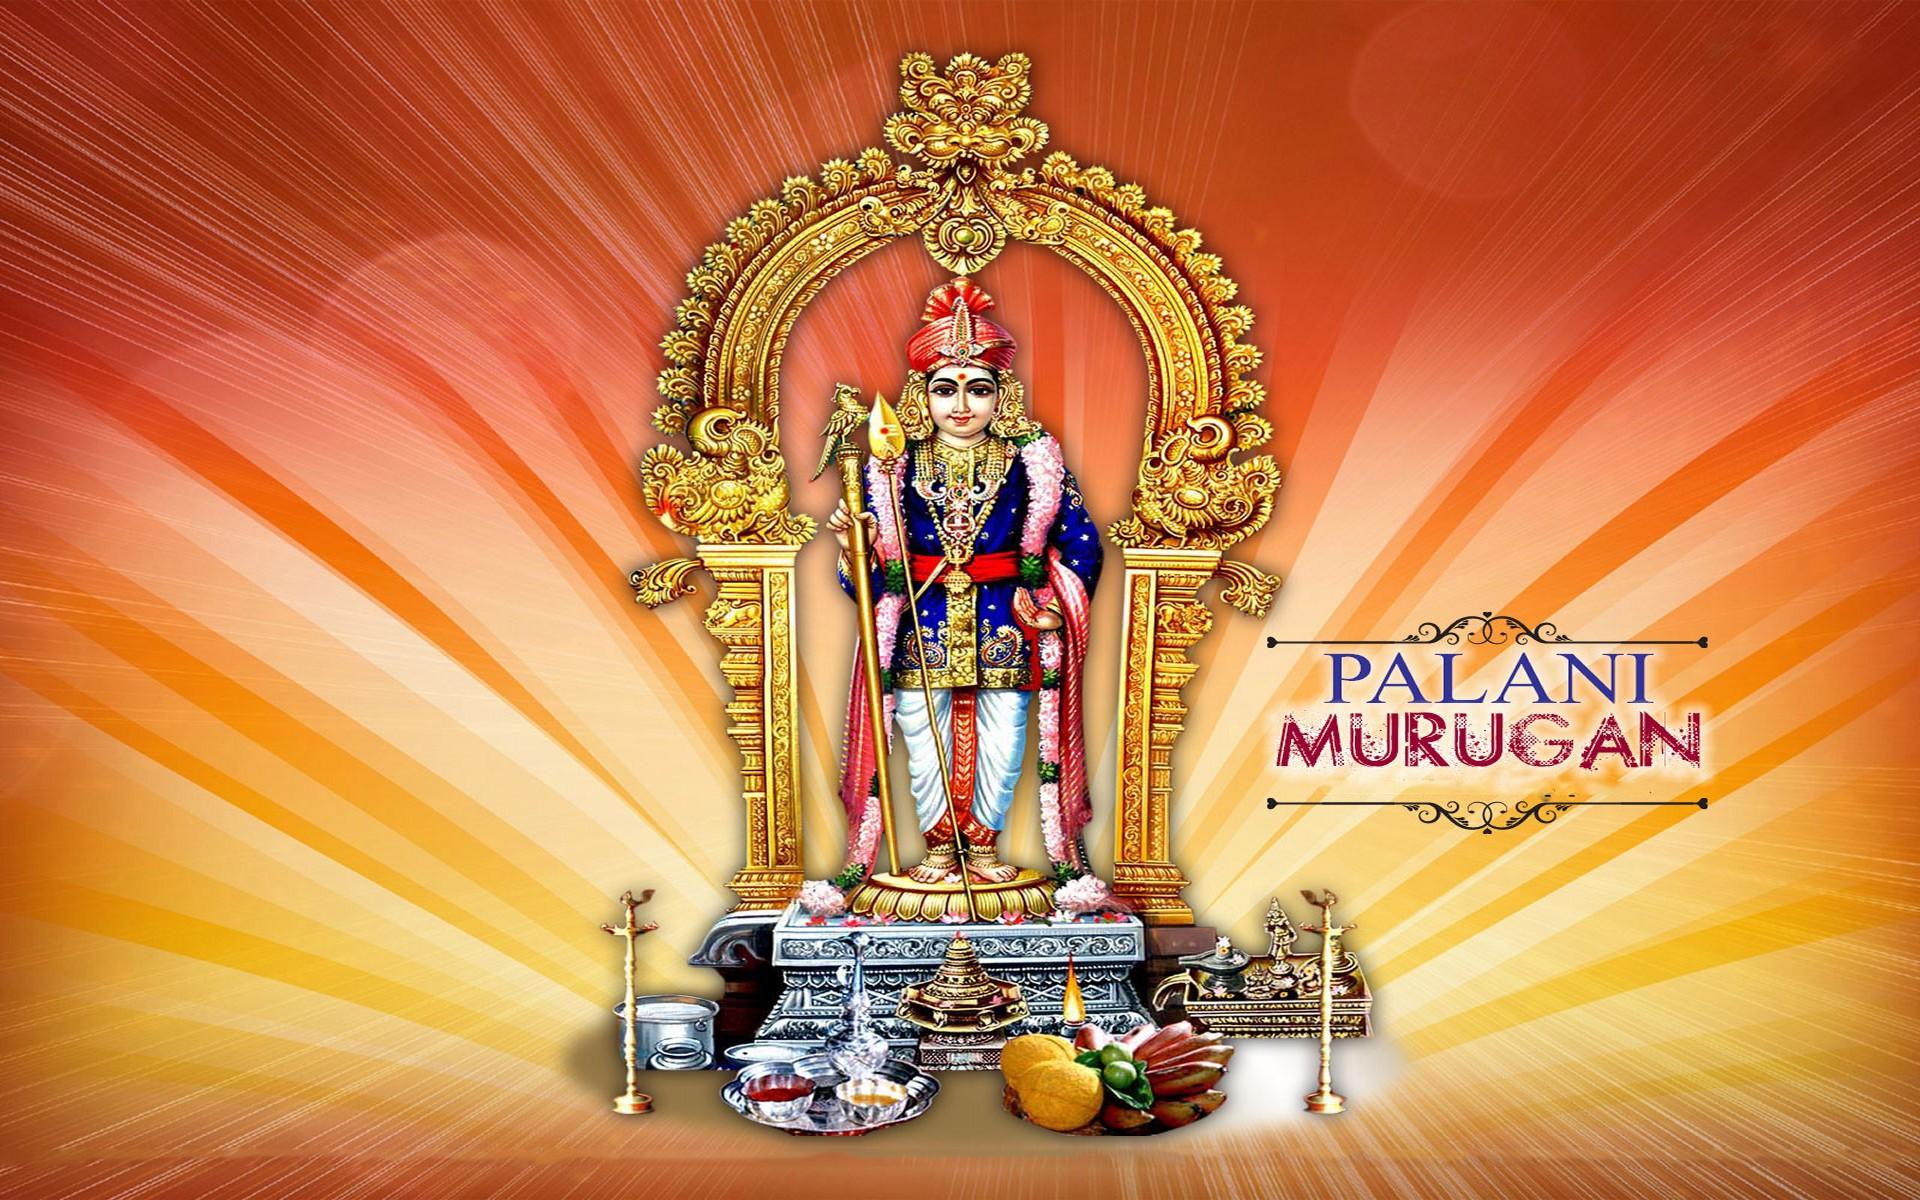 Lord murugan photos